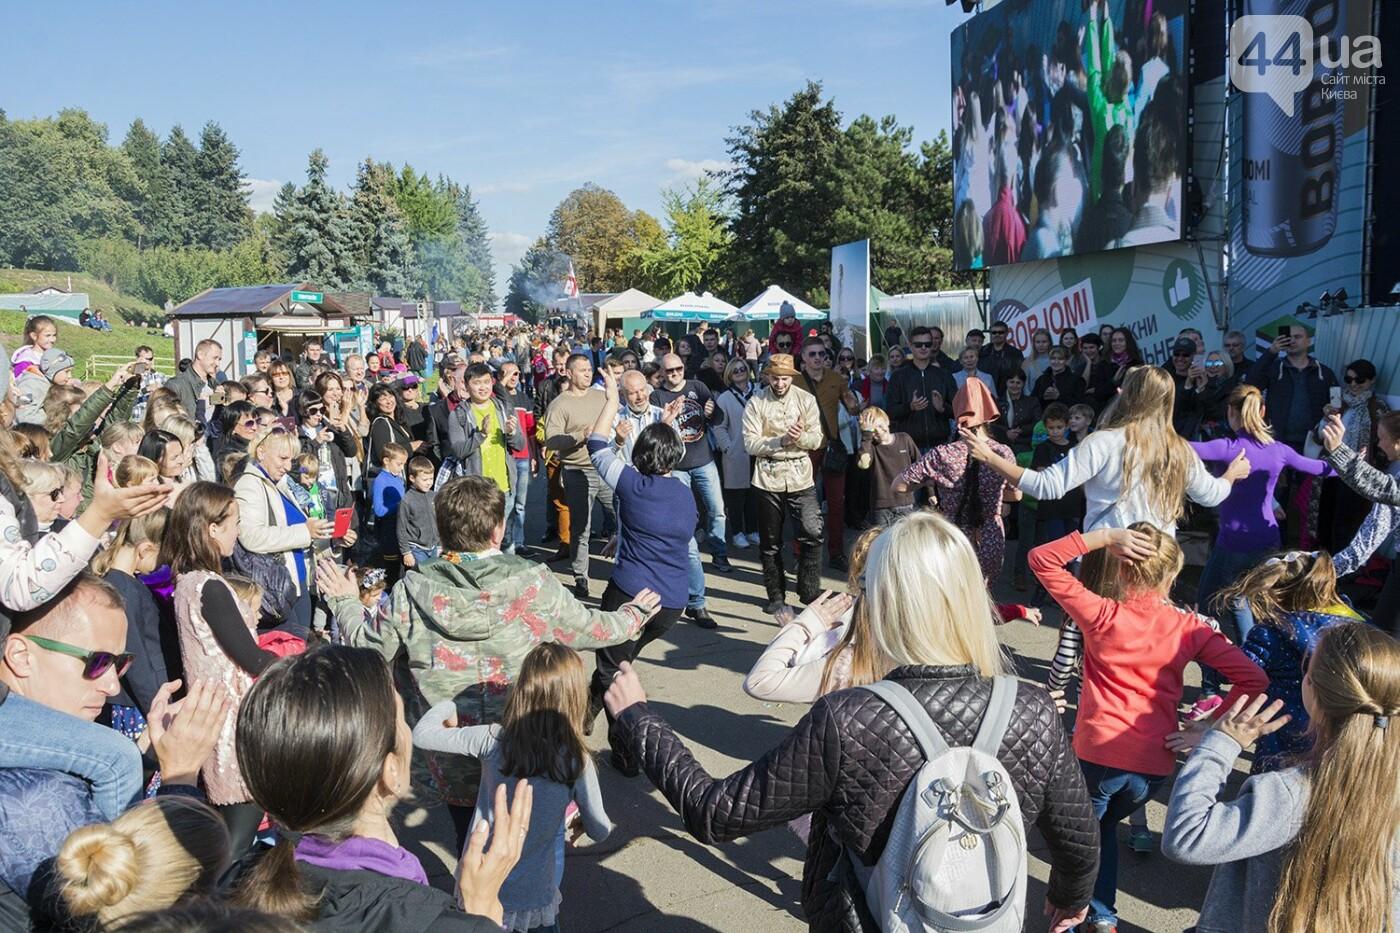 Хачапури и зажигательные танцы: как в Киеве прошел Borjomi Fest-2018, - ФОТОРЕПОРТАЖ, фото-5